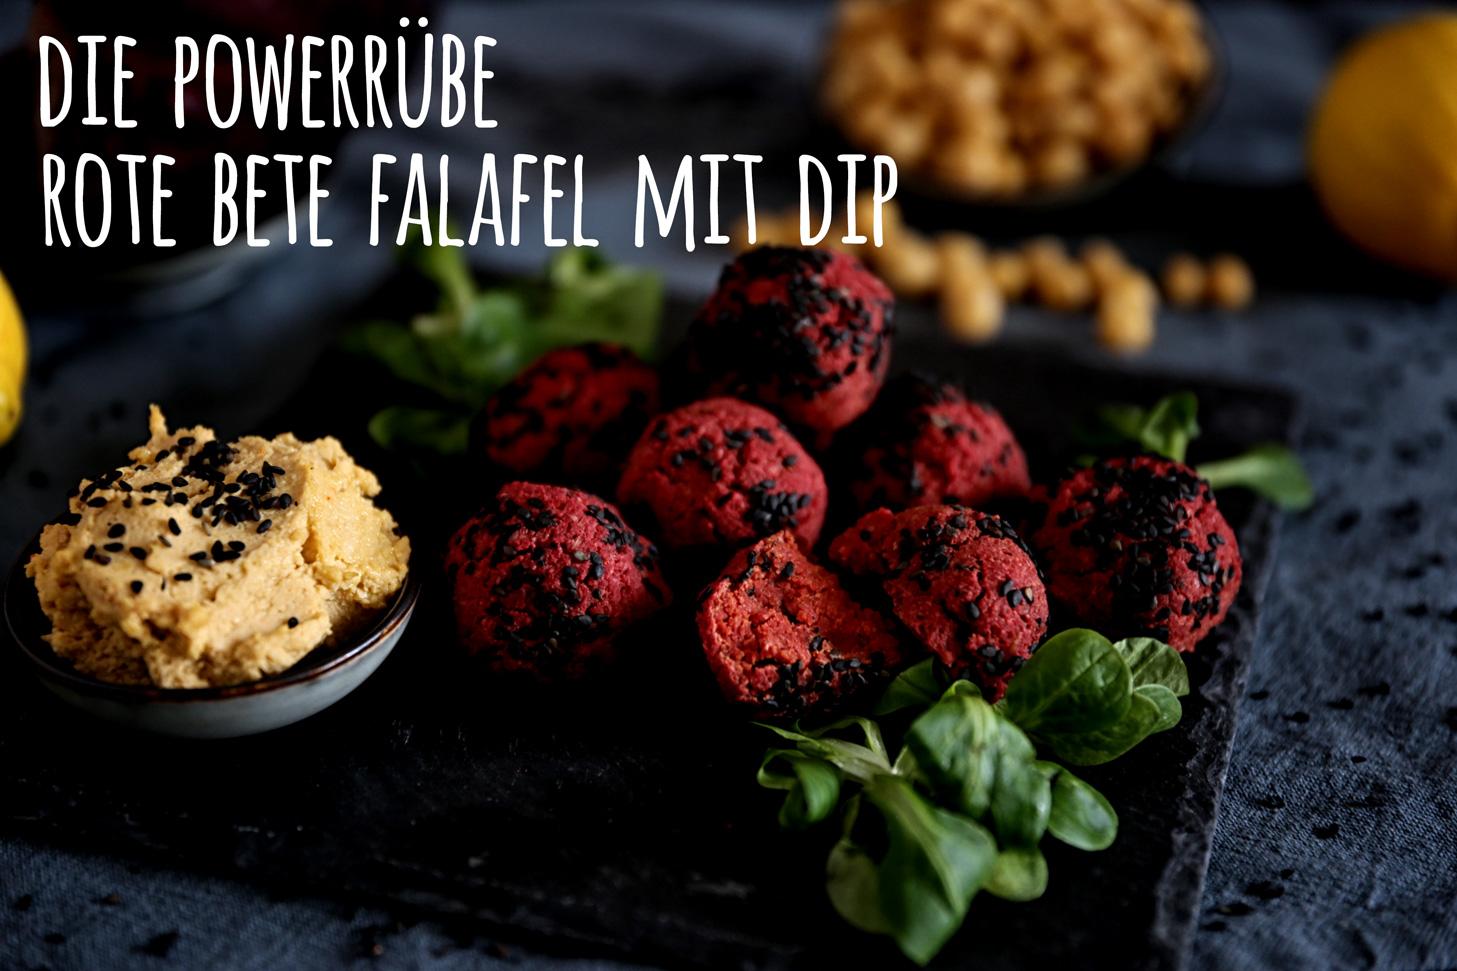 Die Powerrübe: Rote Bete Falafel mit Dip